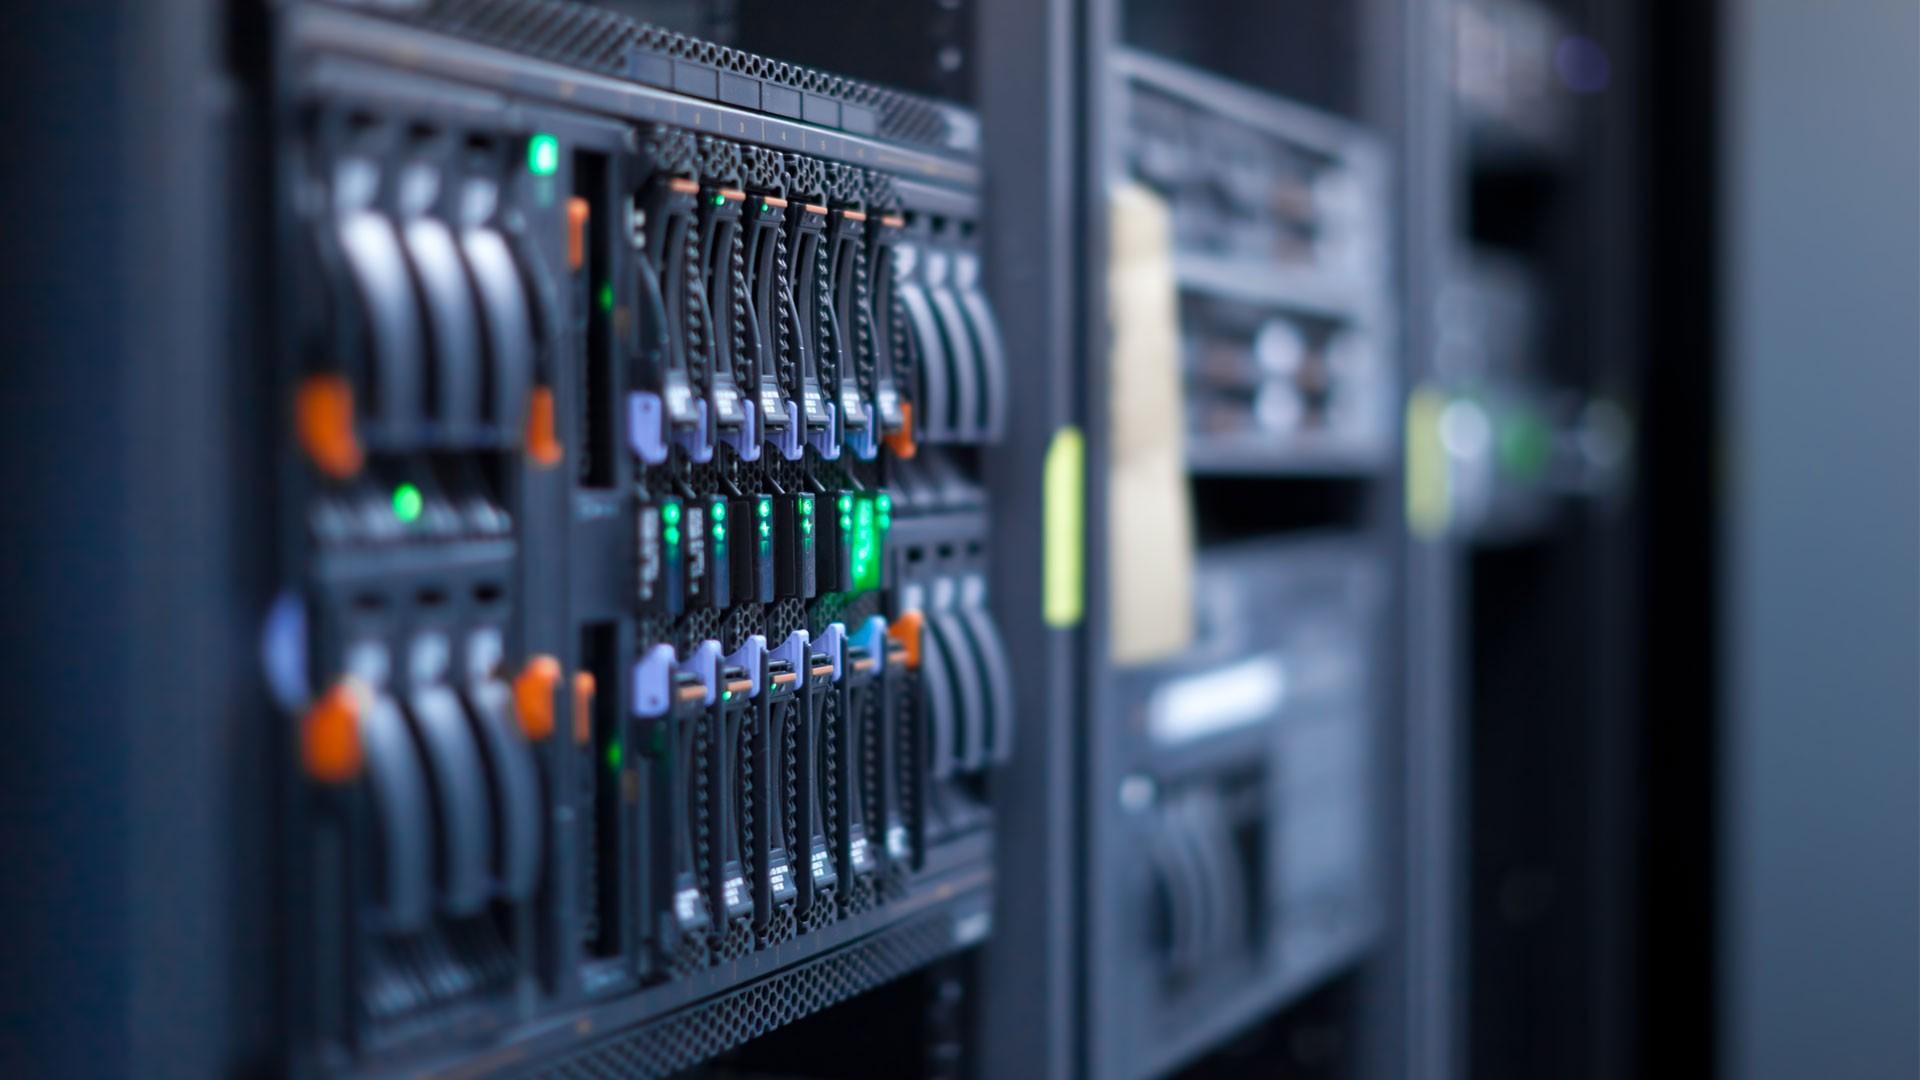 hébergement, services informatiques, serveurs, données, bases de données, sites Internet, noms de domaine, courriels, WordPress, hébergement sur mesure